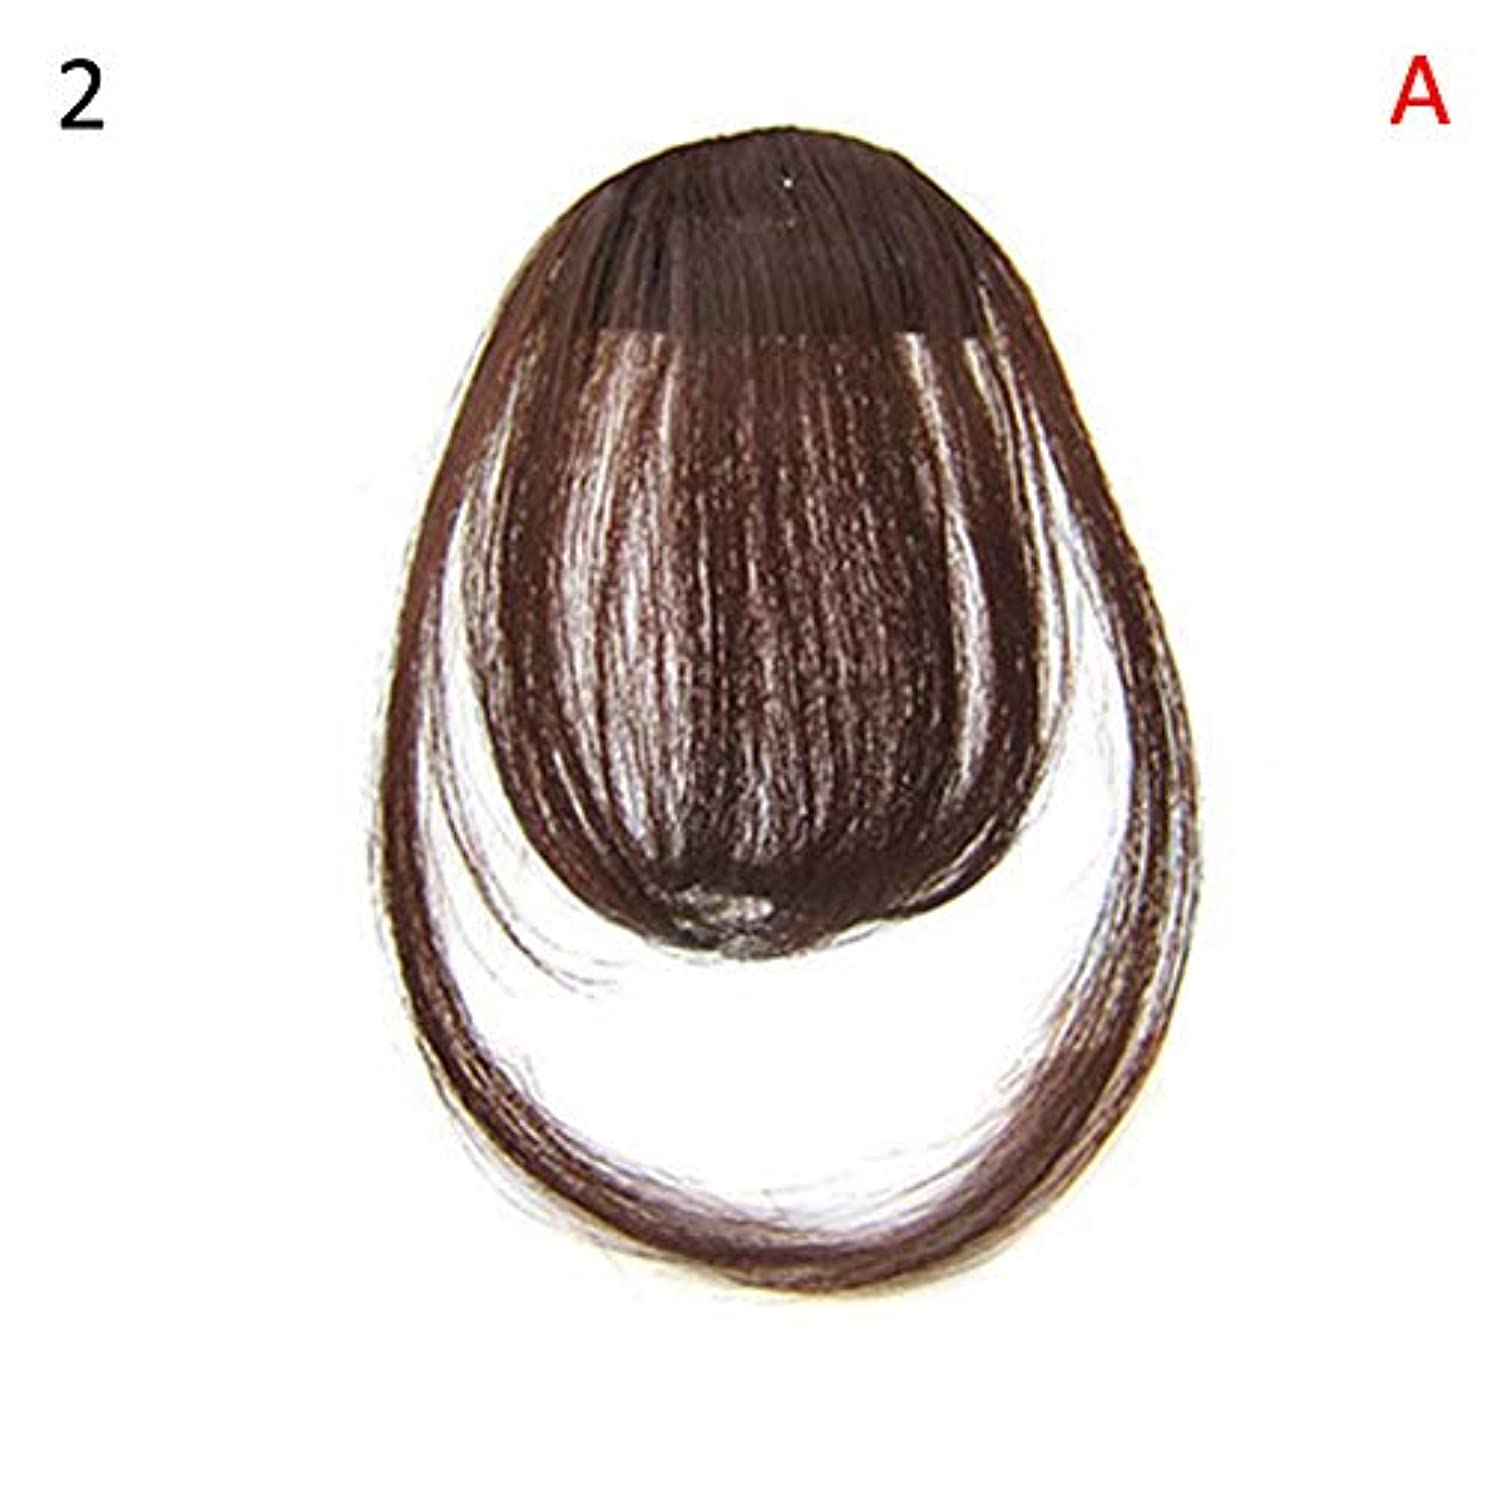 成功思われるマラドロイトslQinjiansav女性ウィッグ修理ツールファッションレディース薄いクリップオンエアバンフロントフリンジウィッグヘアエクステンションヘアピース